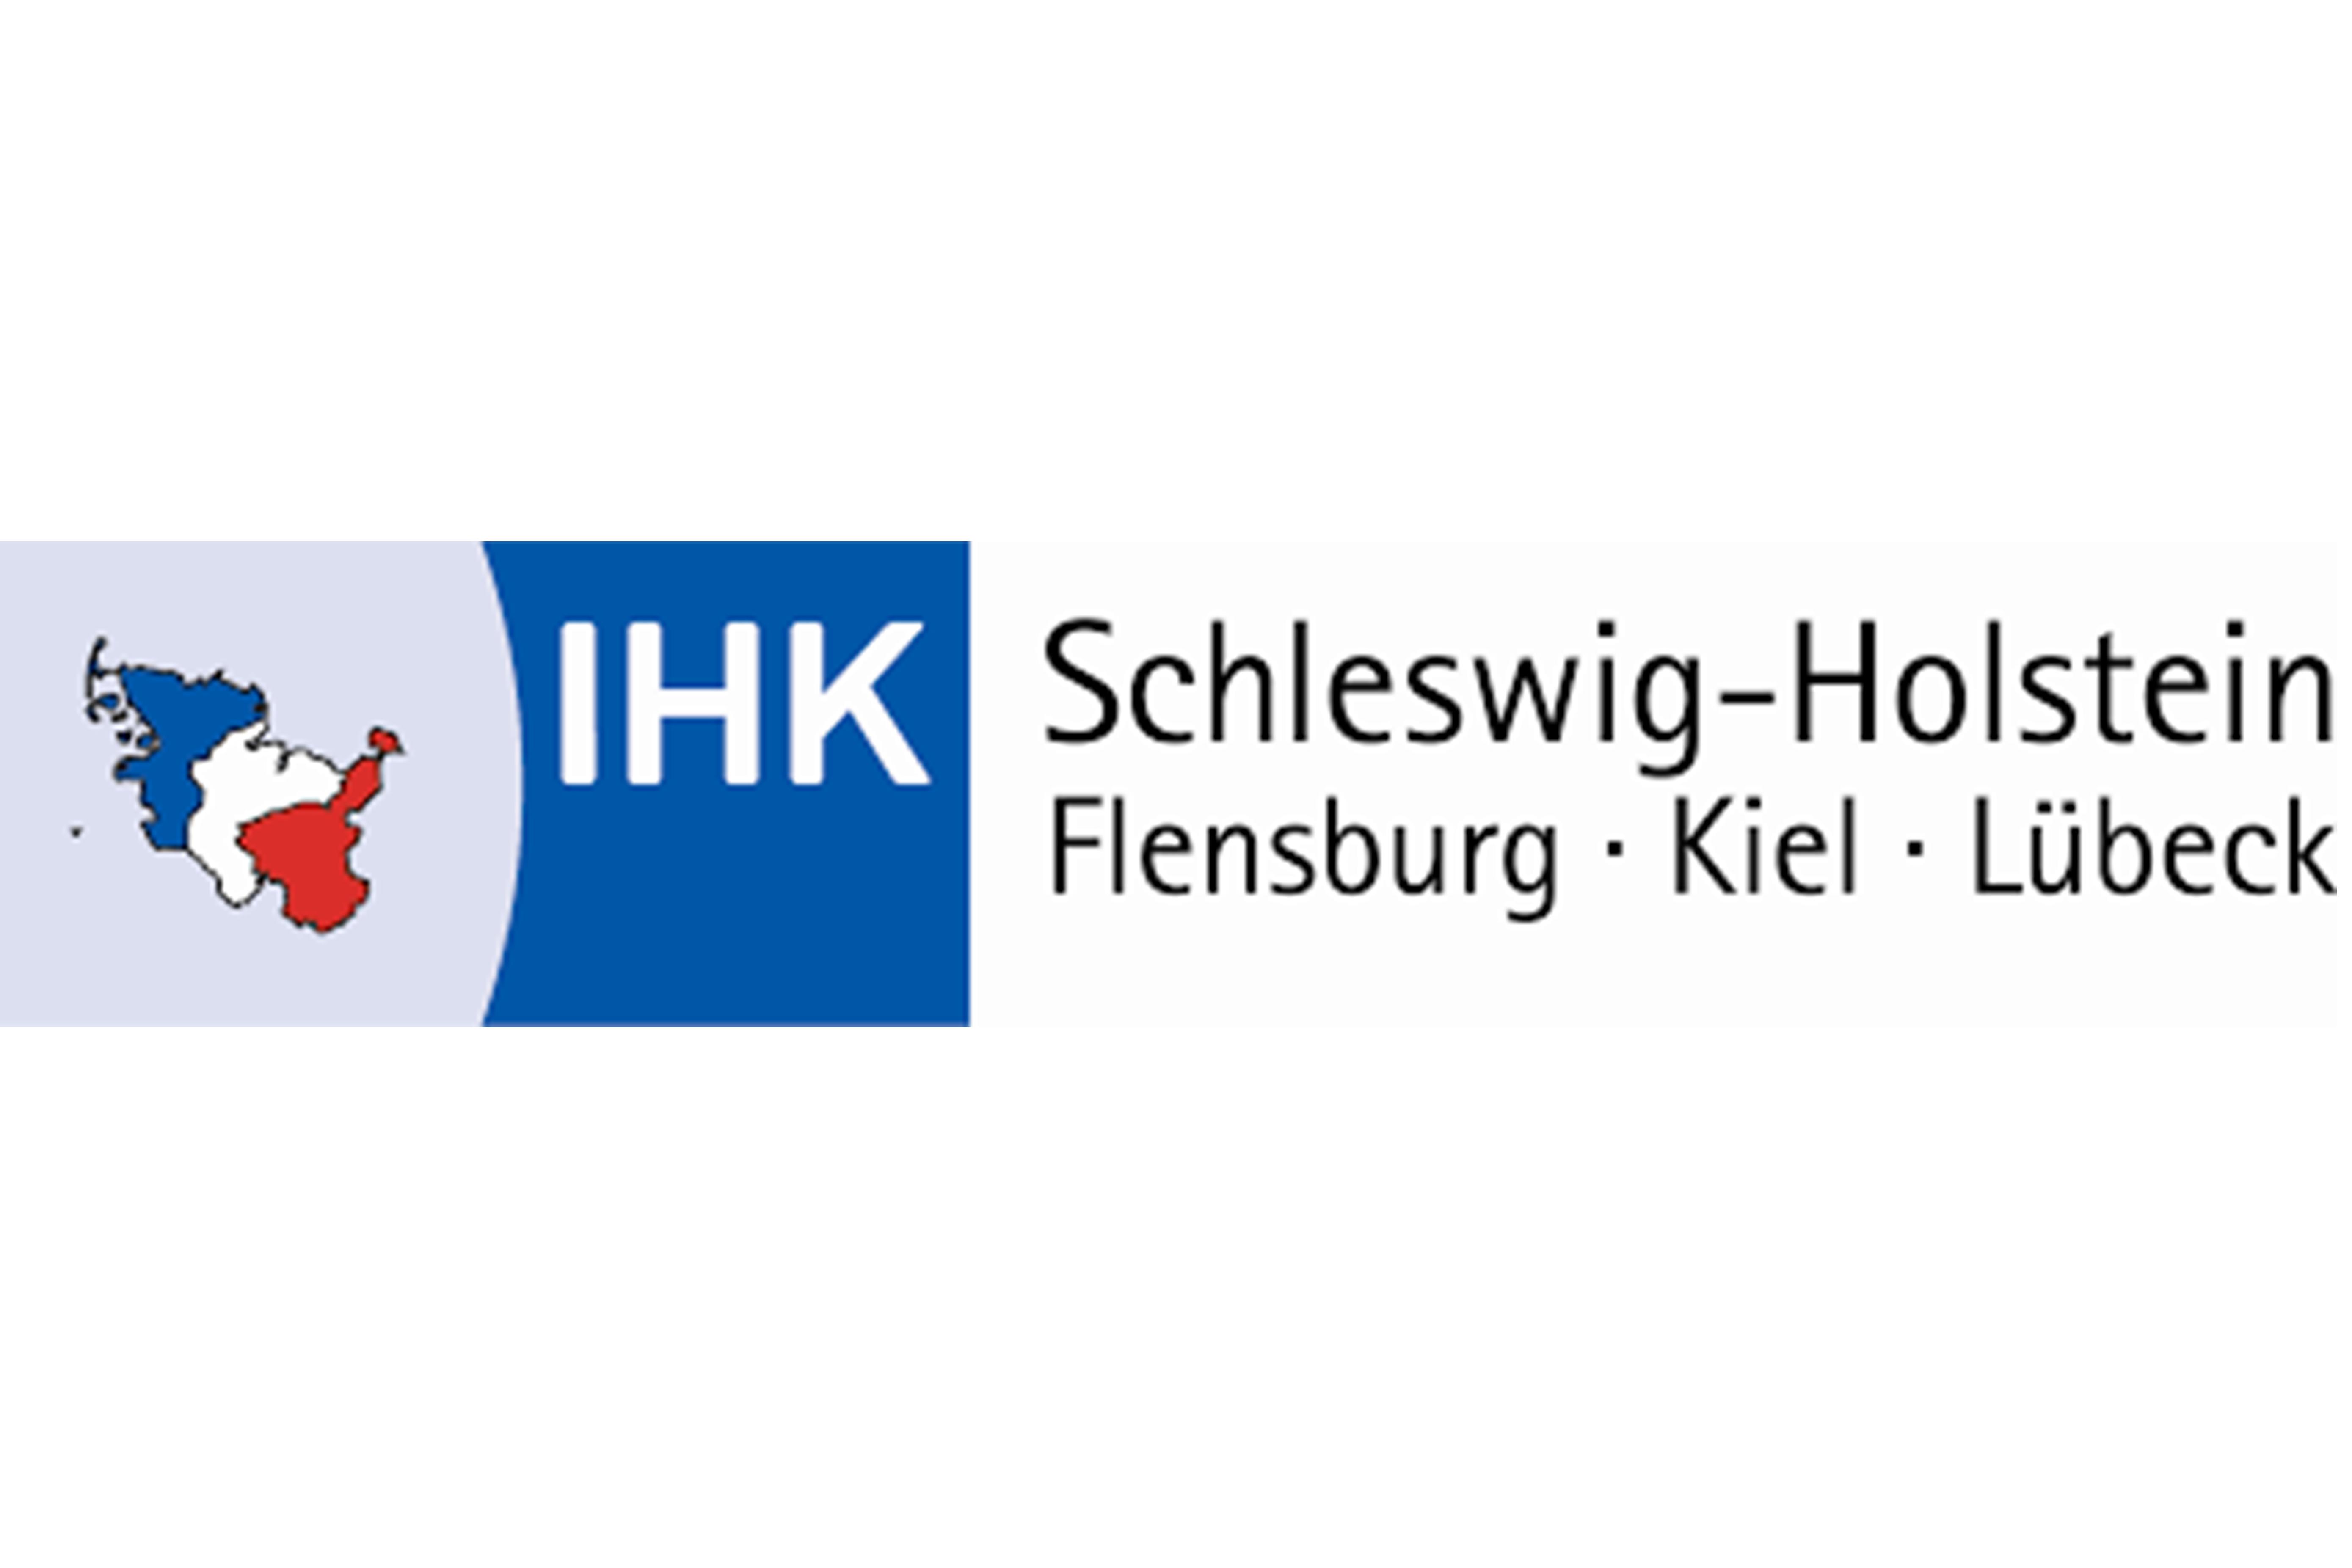 IHK Schleswig-Holstein Logo